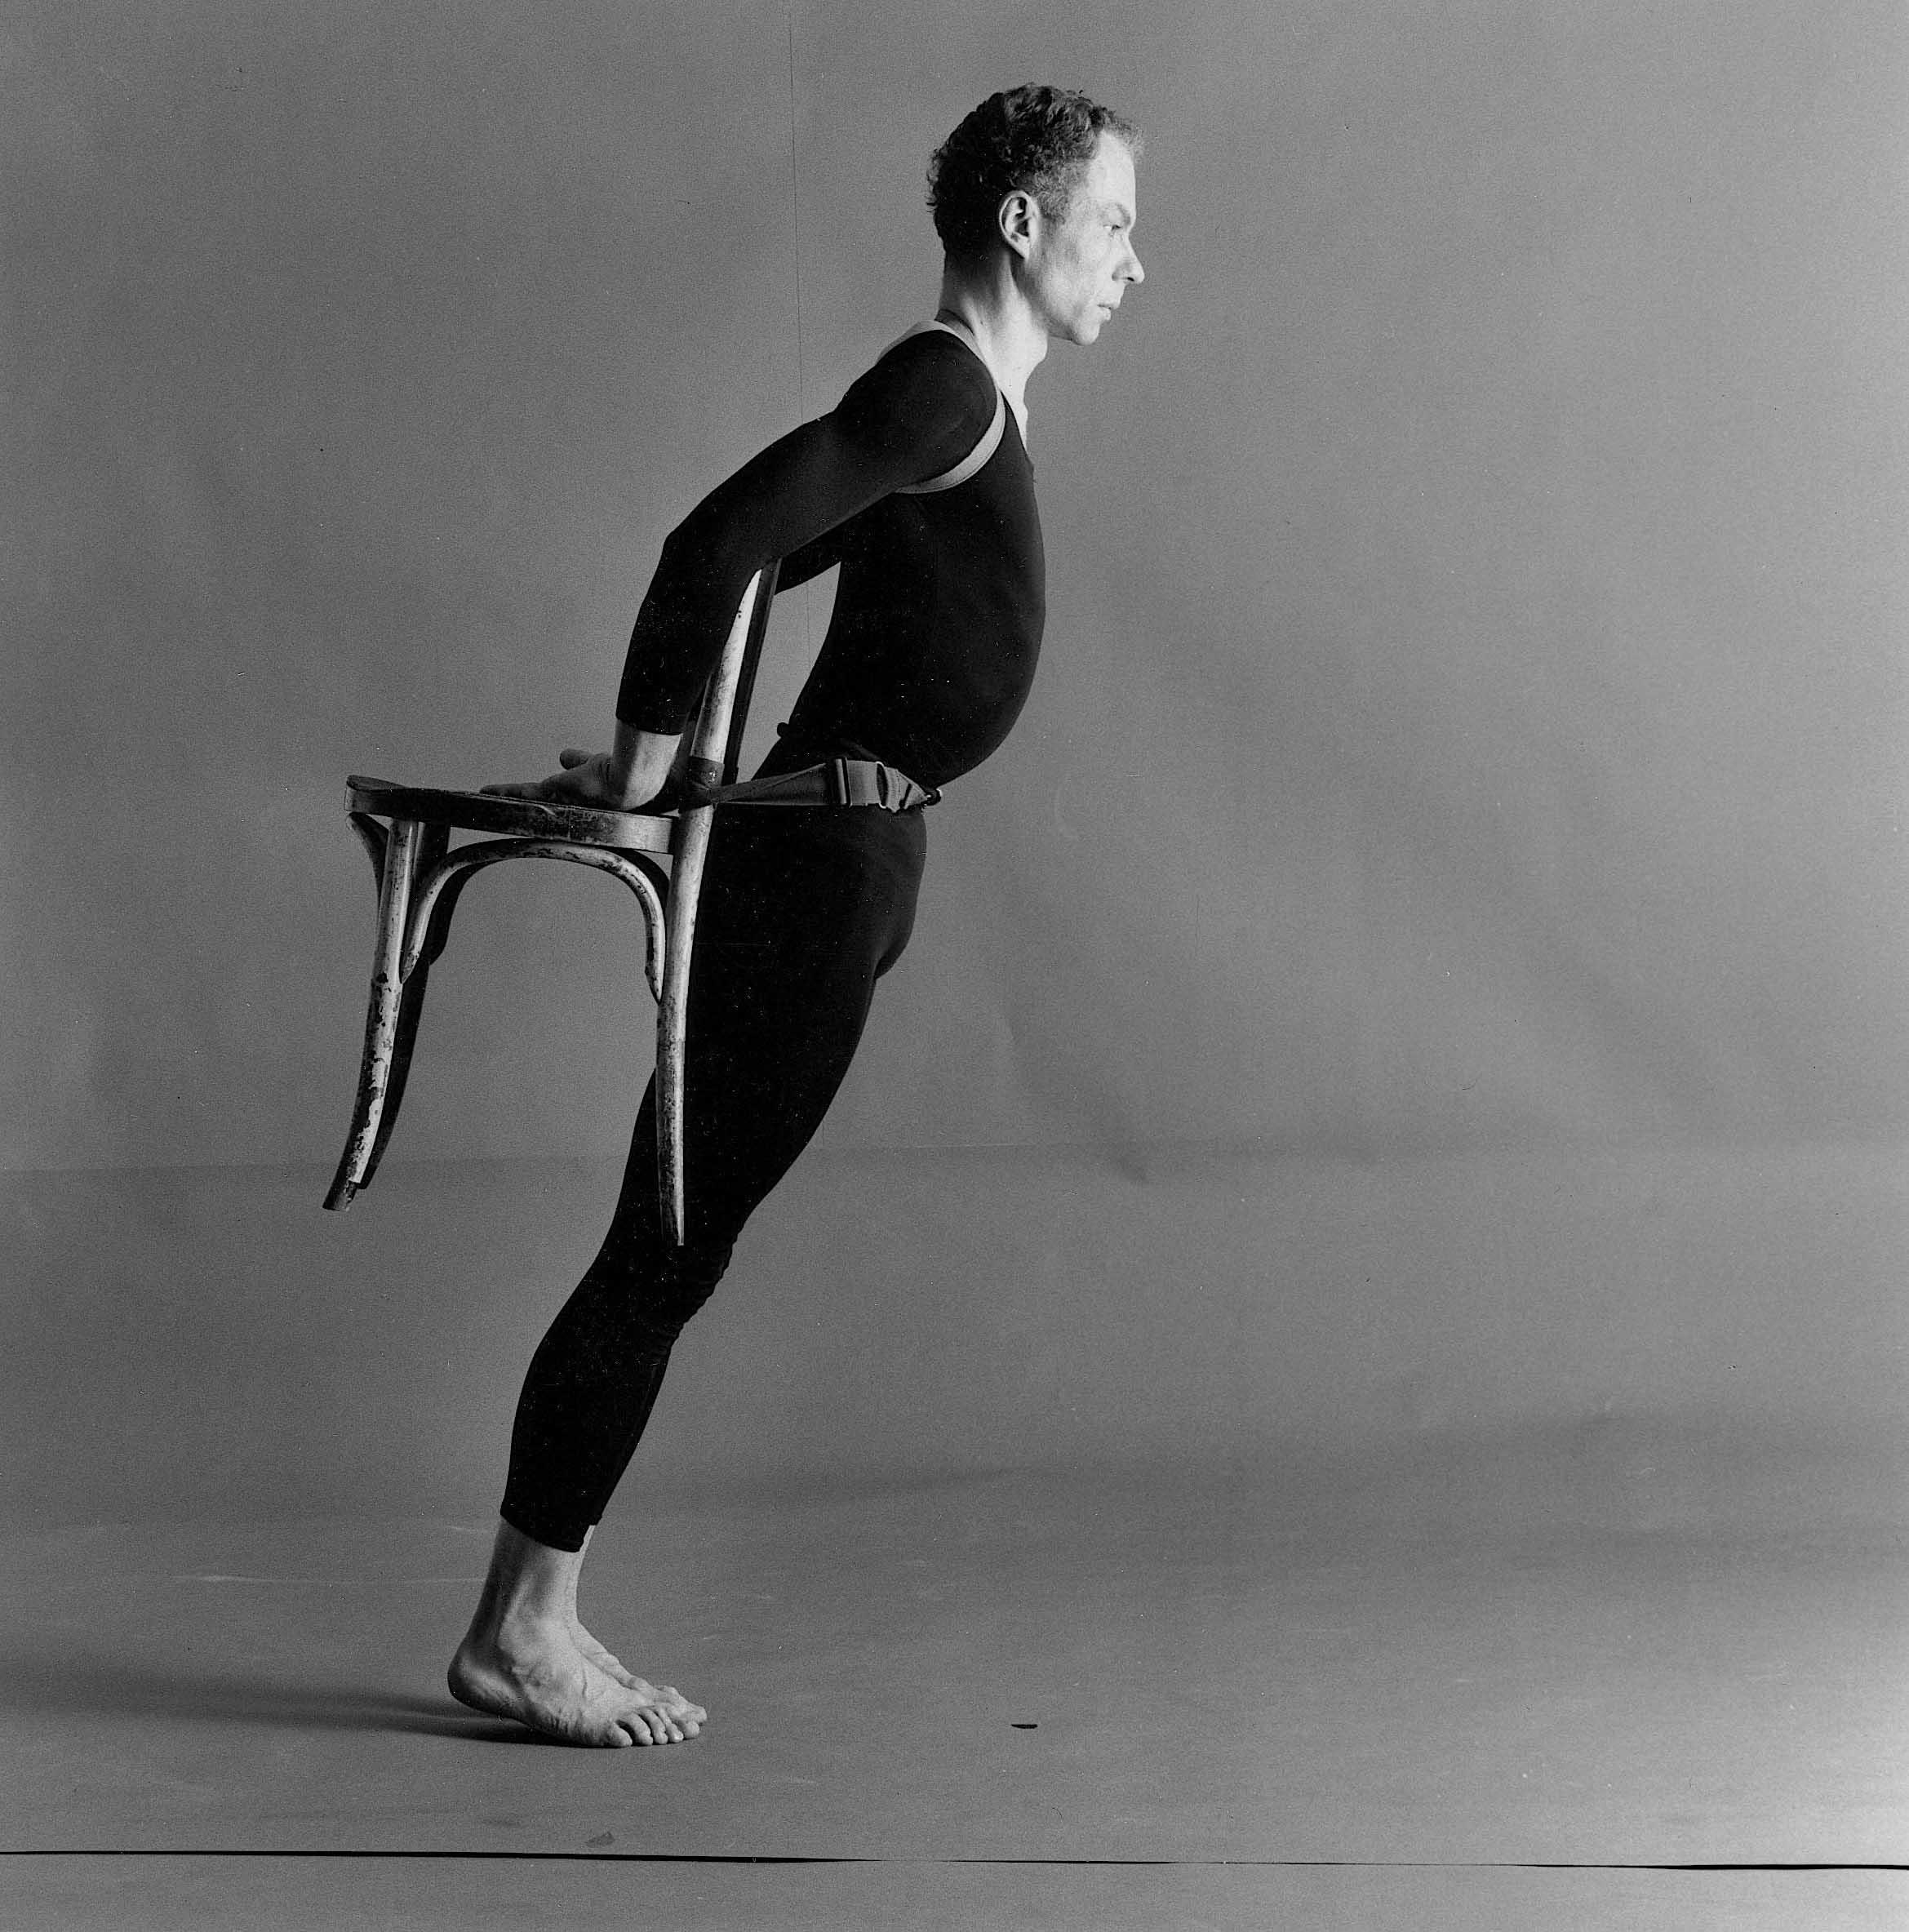 有次,康寧漢突然提議想在舞台上背著椅子跳舞,勞森伯格開心地回答「如果你要背椅子跳舞,那我就要在舞台上弄一個門板。」